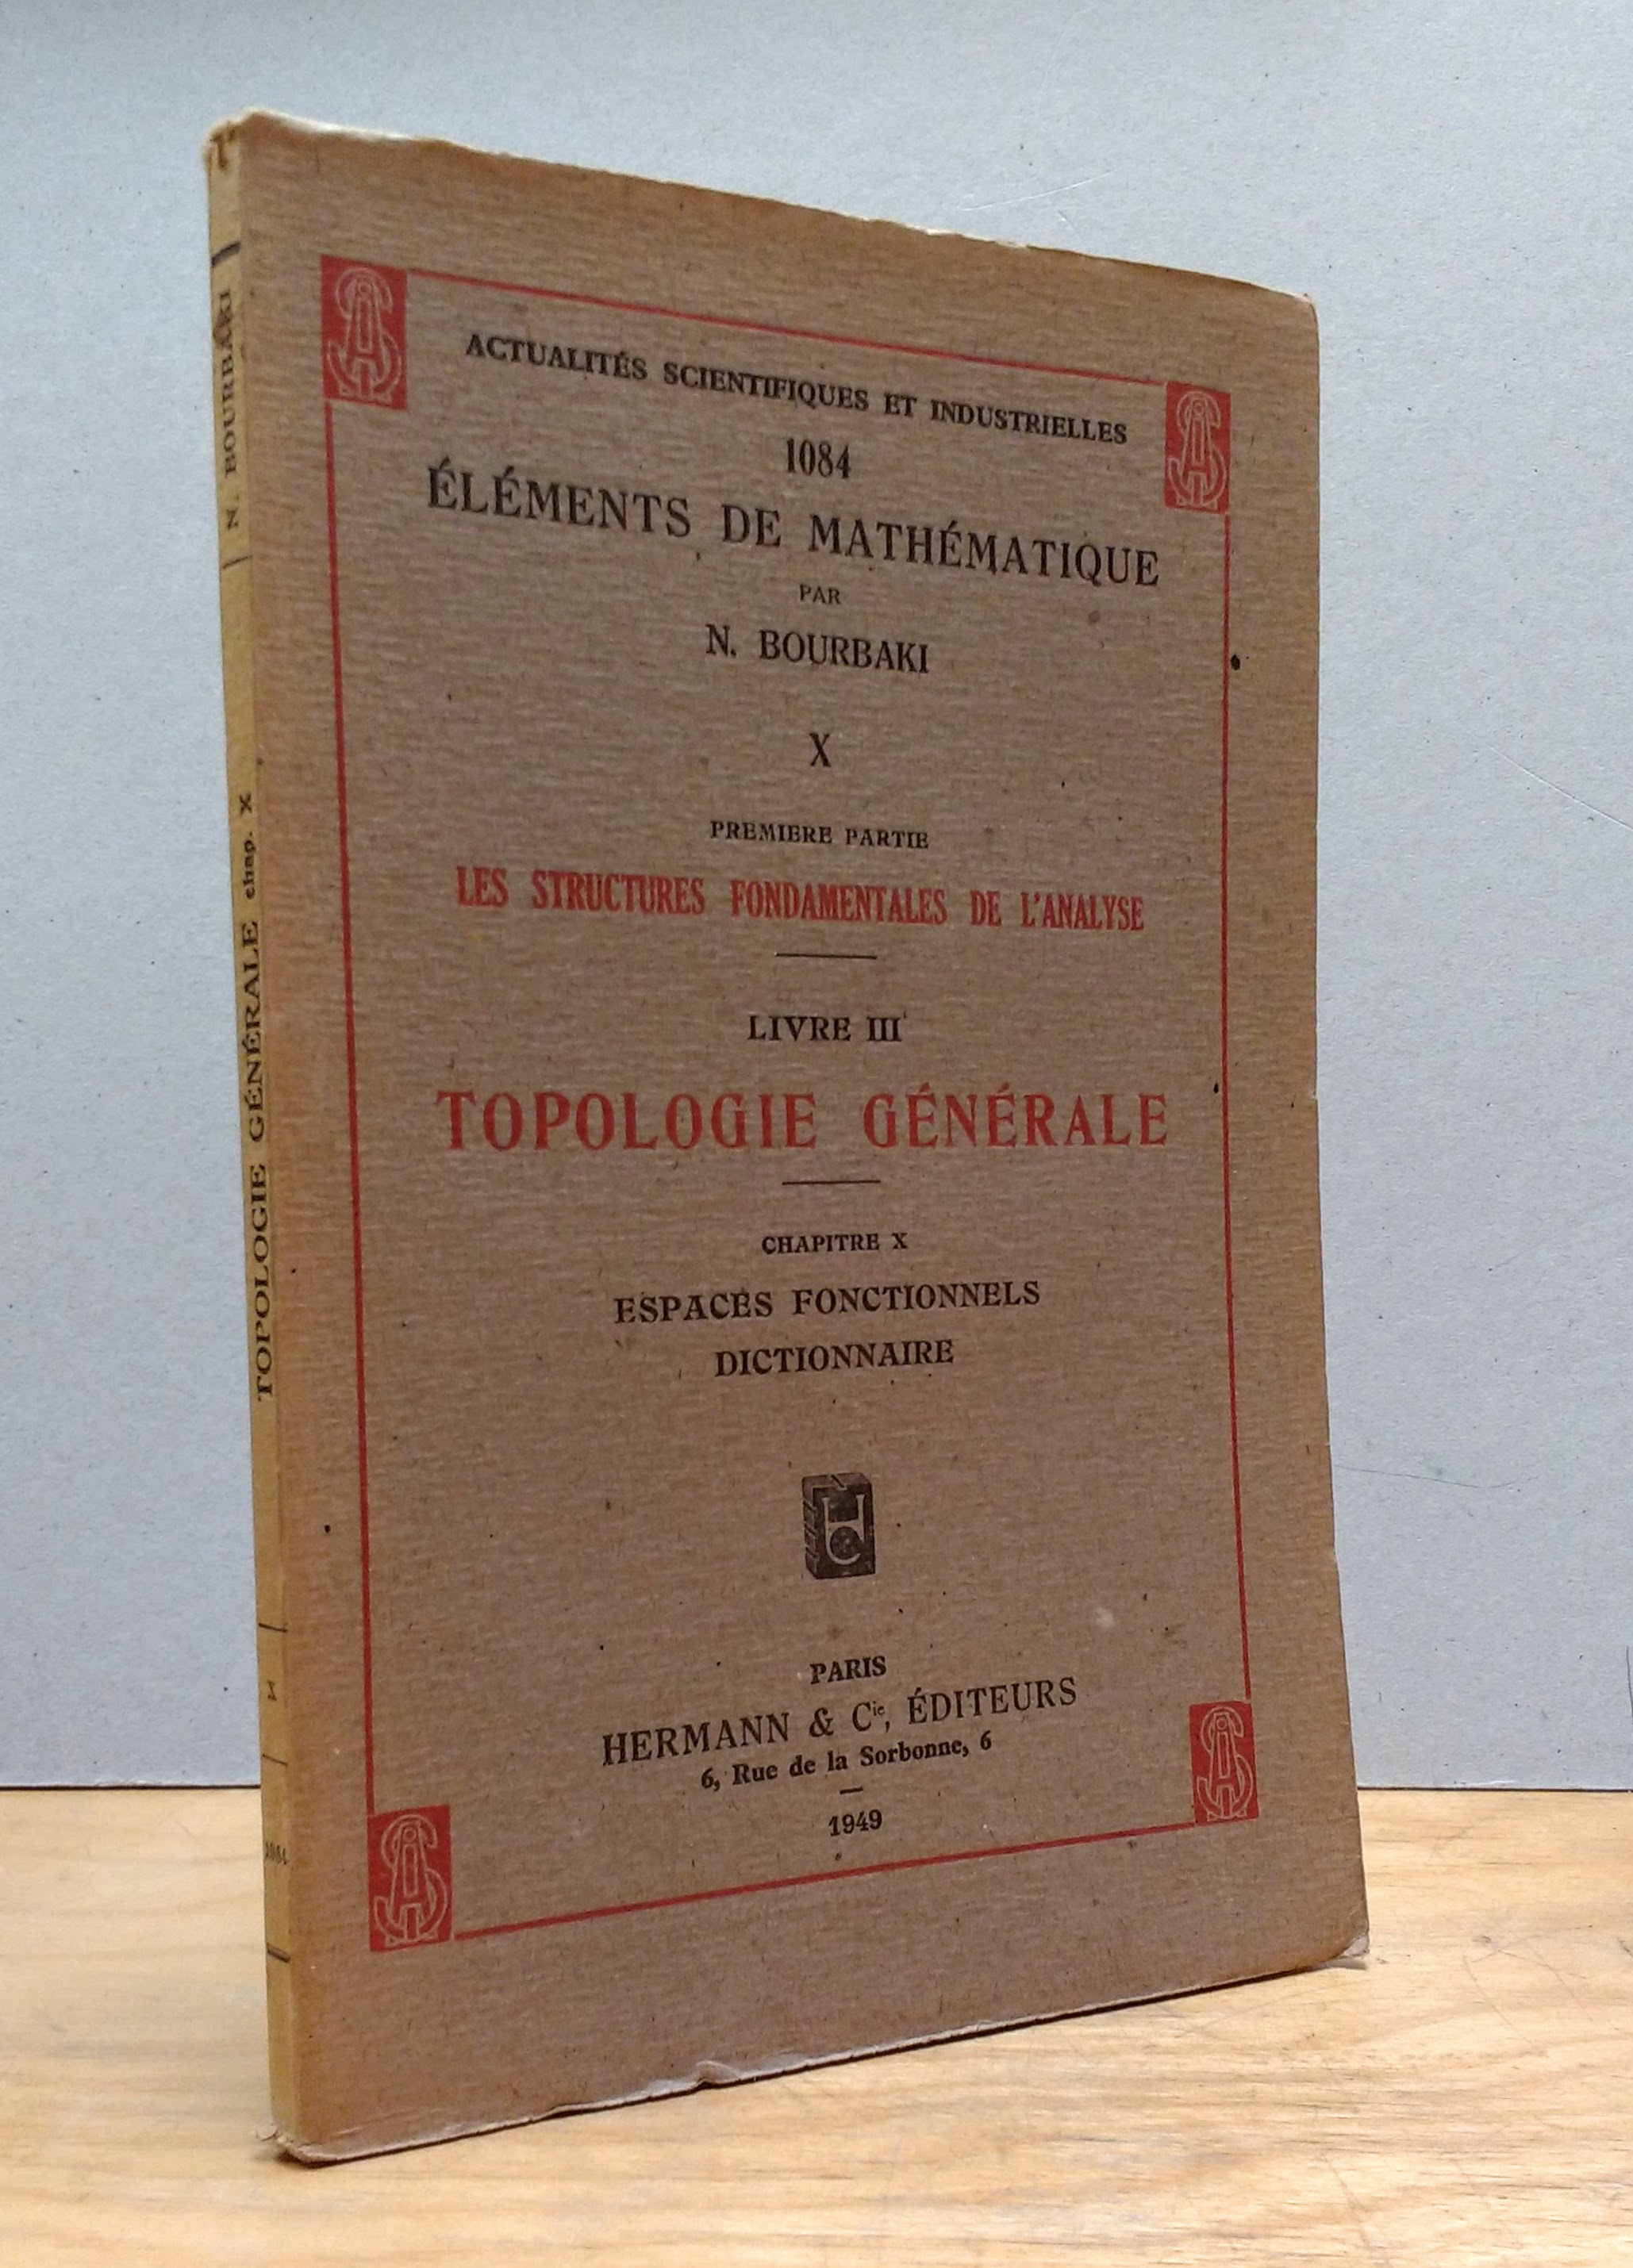 Bourbaki: Topologie Generale, Chapitre X: Espaces Fonctionnels Dictionnaire (Actualites Scientifiques et Industrielles 1074, Elements de Mathematique X, Premiere Partie: Les Structures Fondamentales de L'Analyse, Livre III)